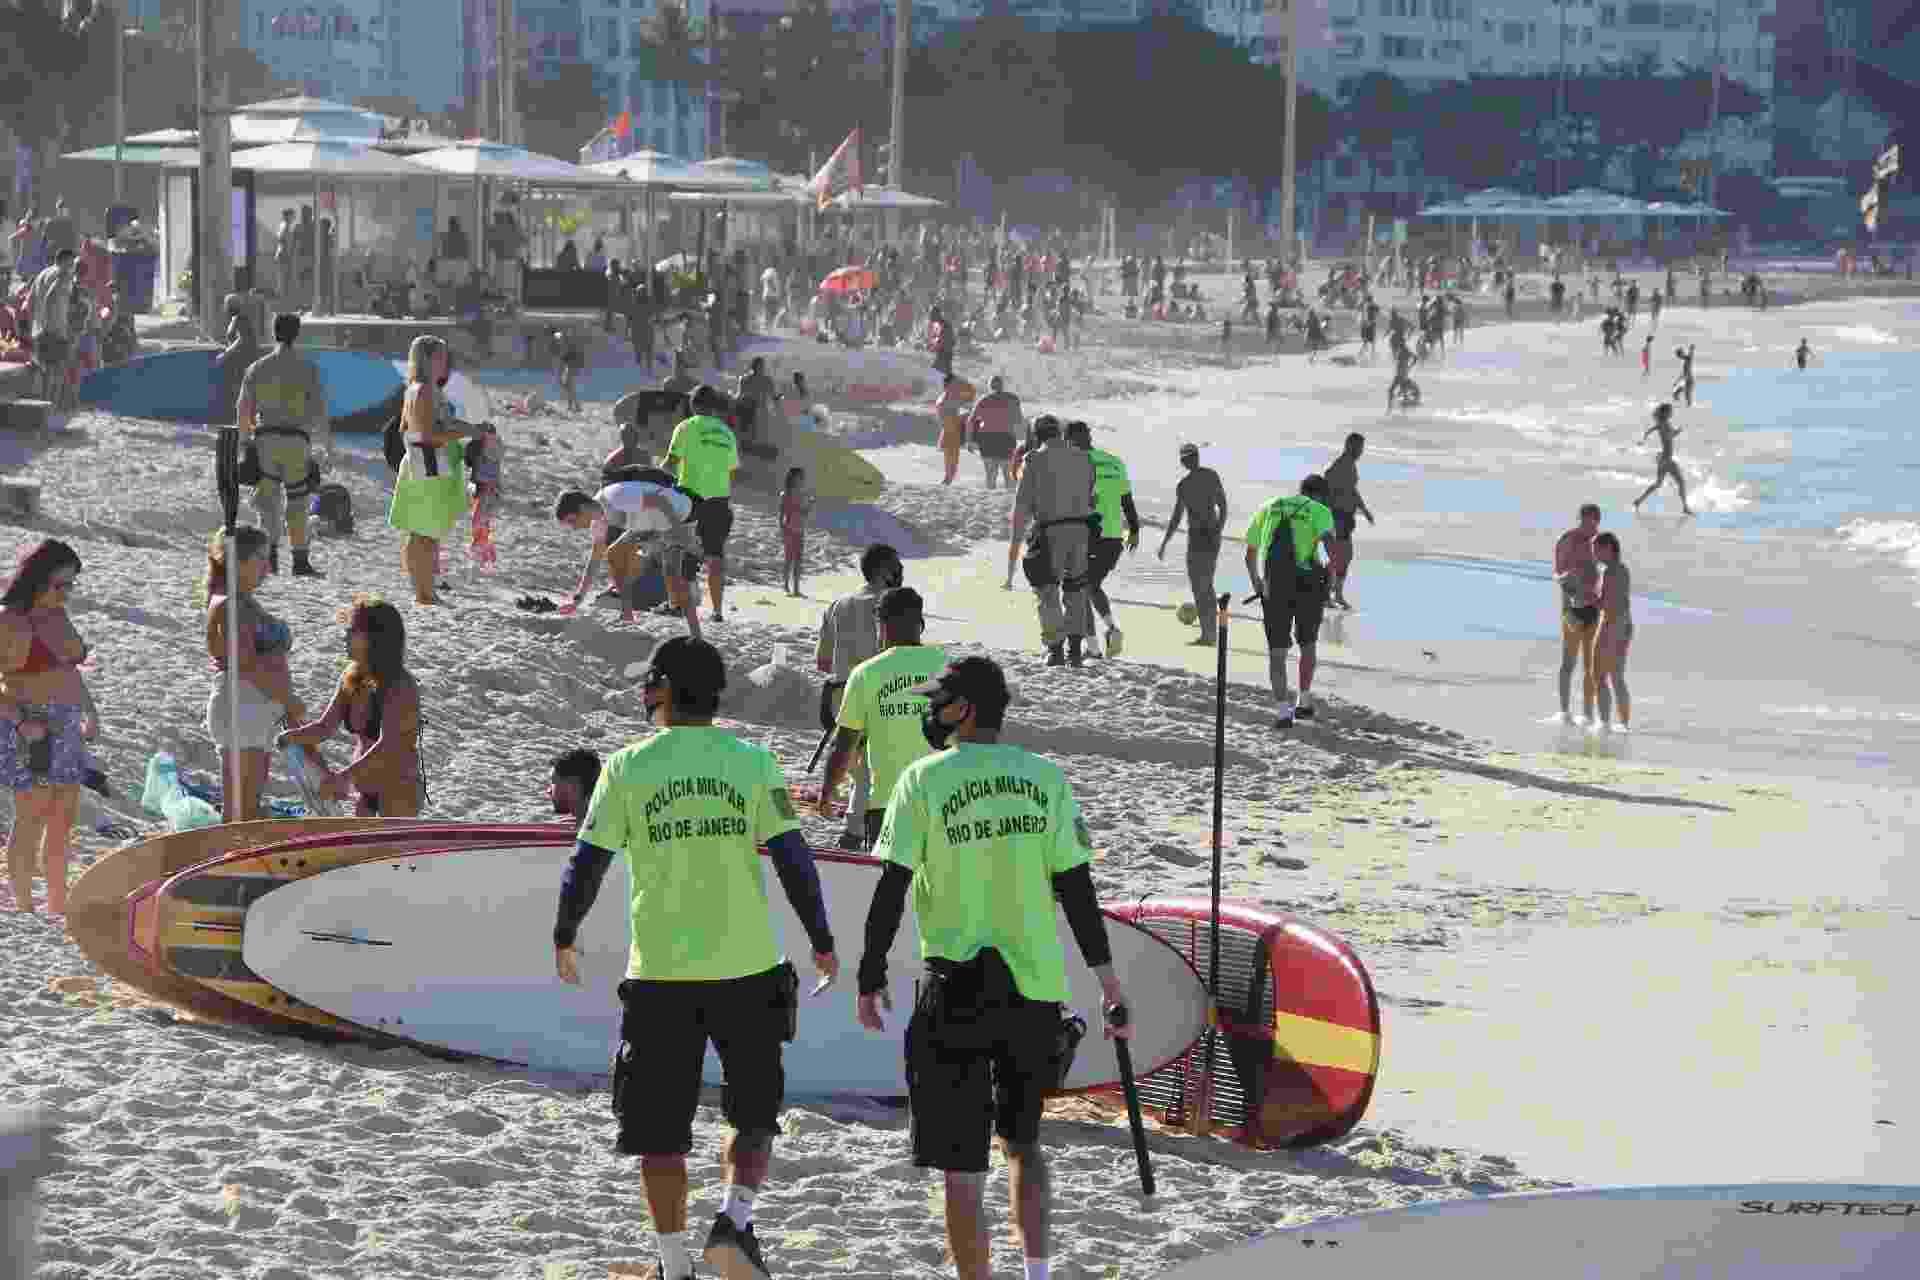 A praia de Copacabana, localizada na zona Sul do Rio de Janeiro, registra fluxo intenso de banhistas neste domingo (21), em meio à pandemia do coronavírus - Fausto Maia/TheNews2/Estadão Conteúdo